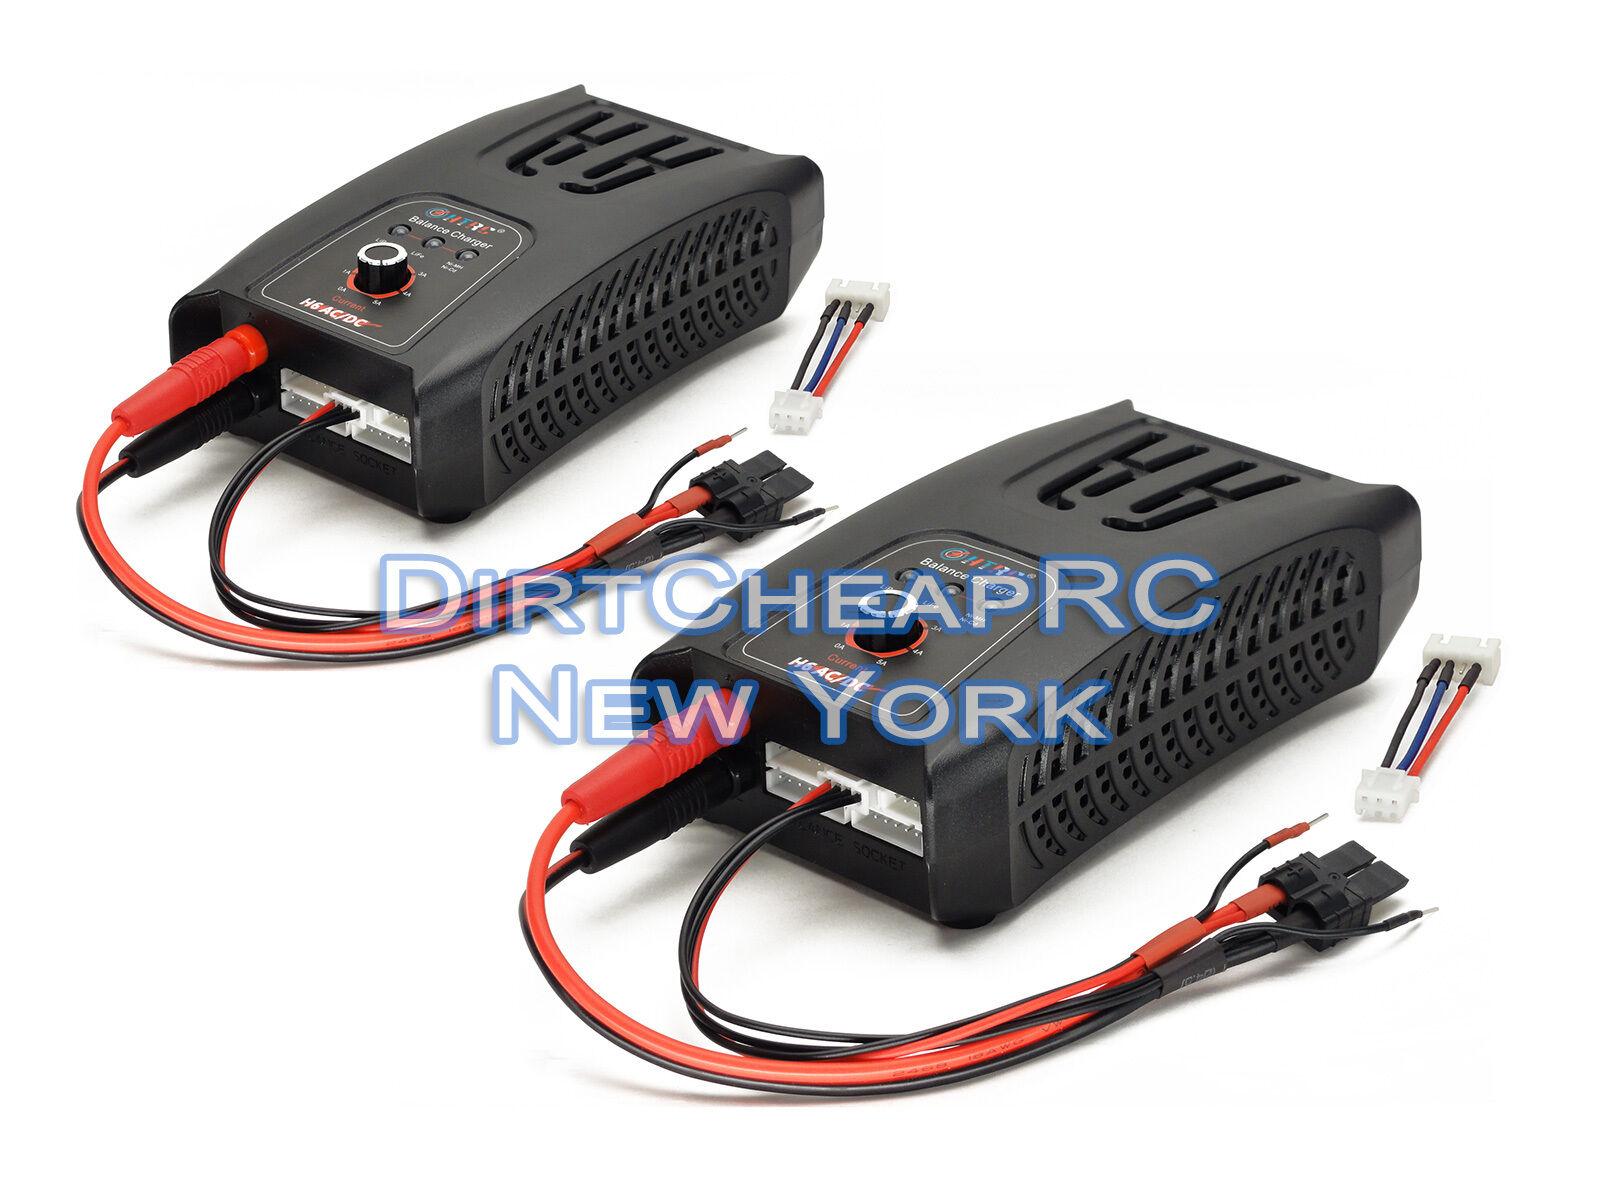 Identificador de Traxxas 2x Dual H6 5Amp 2S 3S Lipo Batería cargador de equilibrio E-Revo & sin escobillas